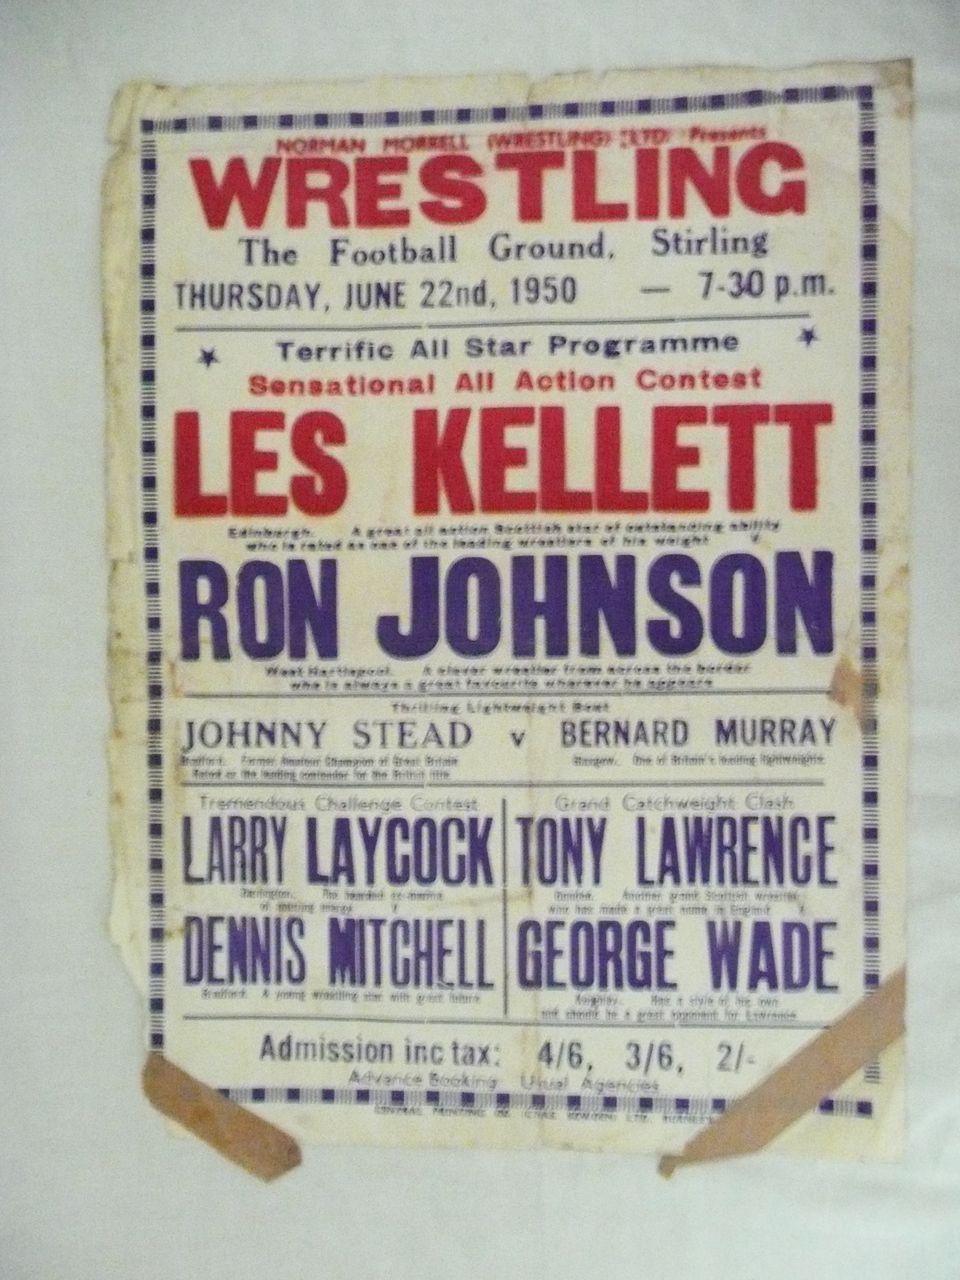 WRESTLING  - Genuine Old 1950 Advertising Poster - Stirling - Scotland